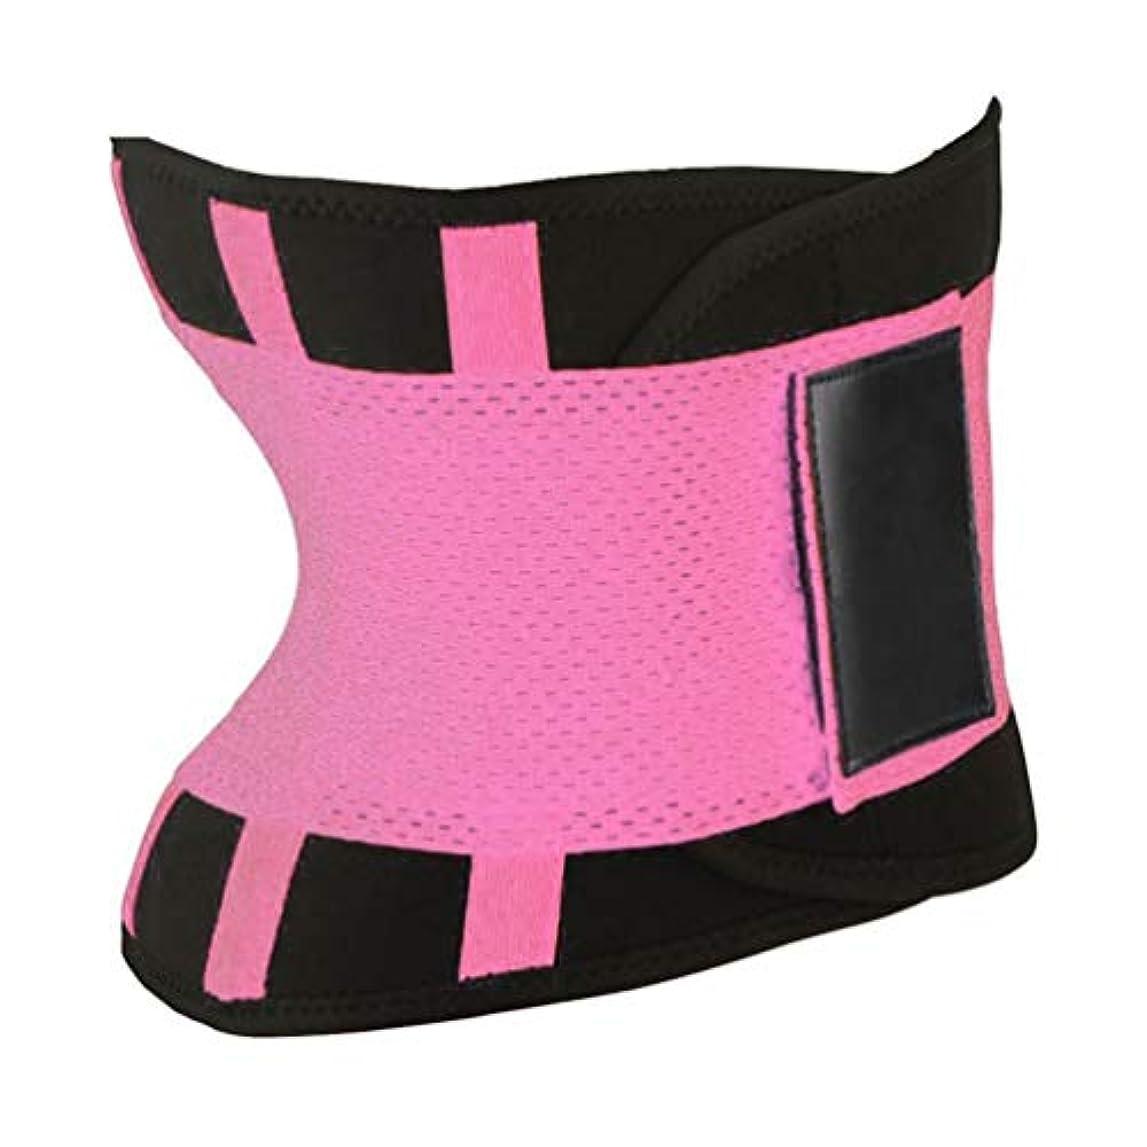 ロゴ検索エンジン最適化共同選択快適な女性ボディシェイパー痩身シェイパーベルトスポーツレディースウエストトレーナーニッパーコントロールバーニングボディおなかベルト - ピンクL